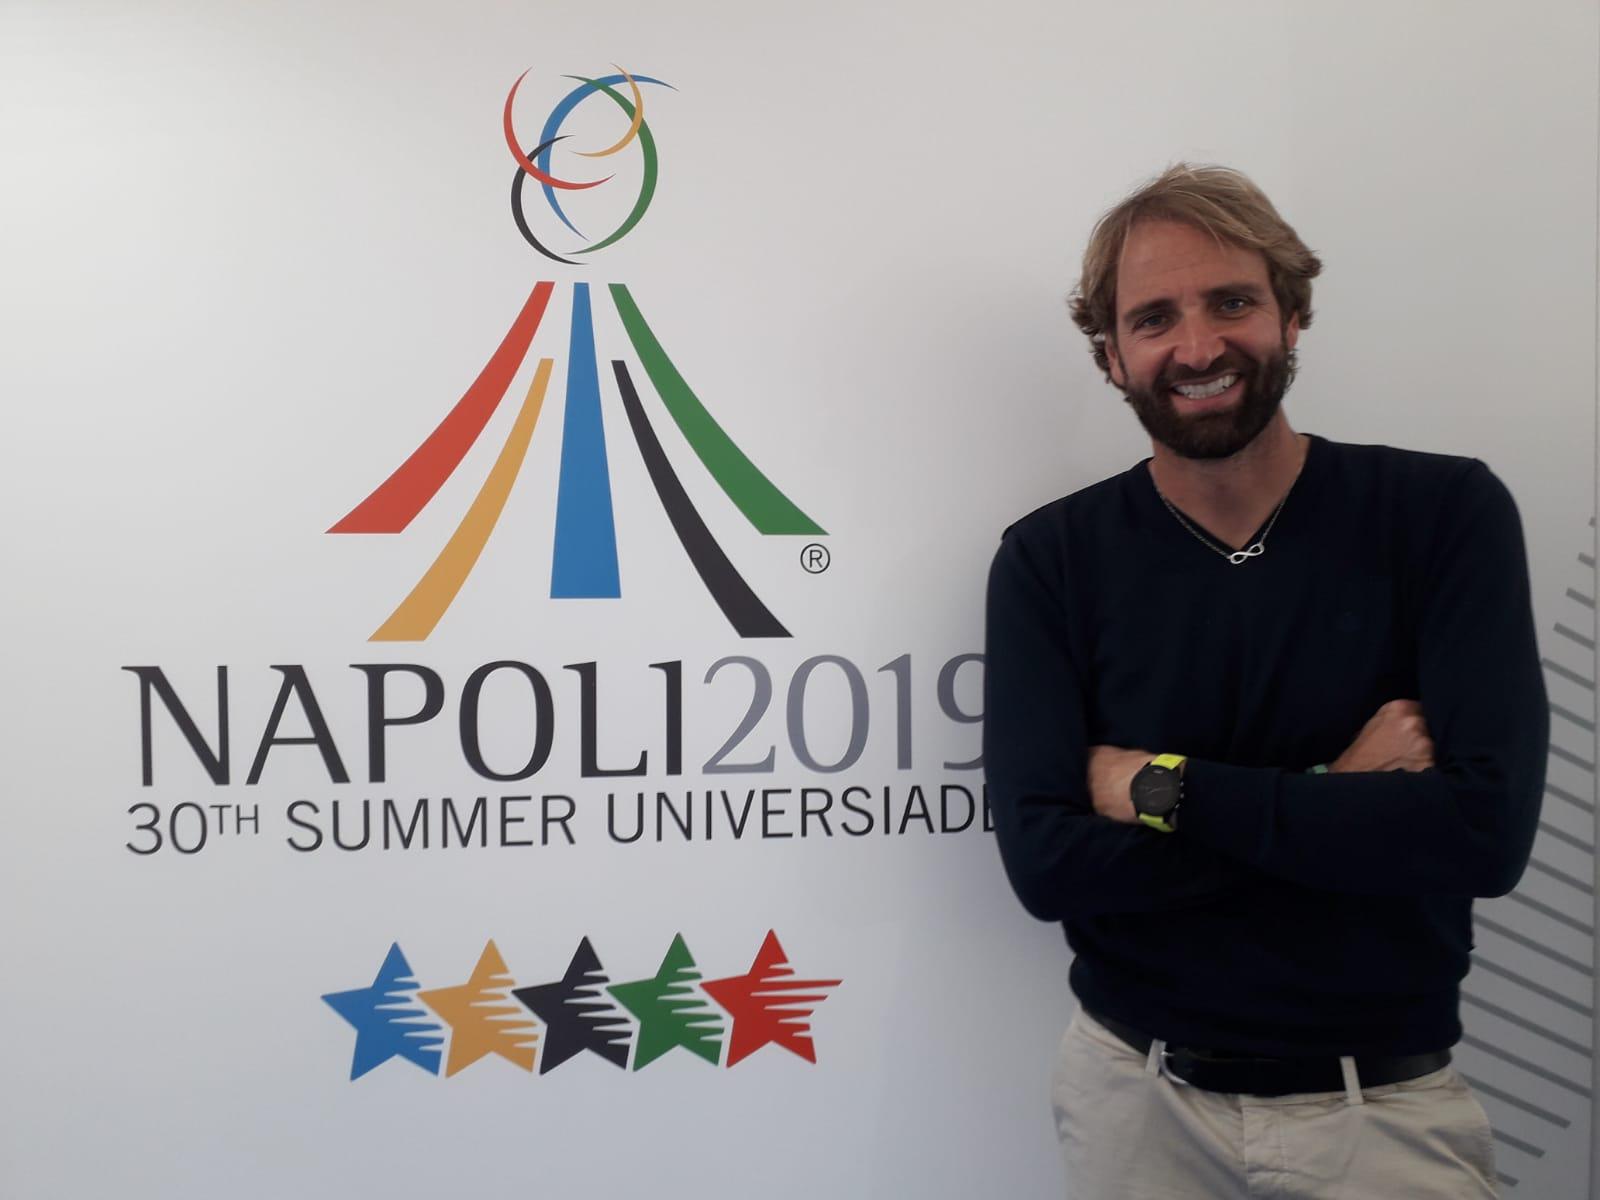 Universiade: anche Massimiliano Rosolino tra gli organizzatori